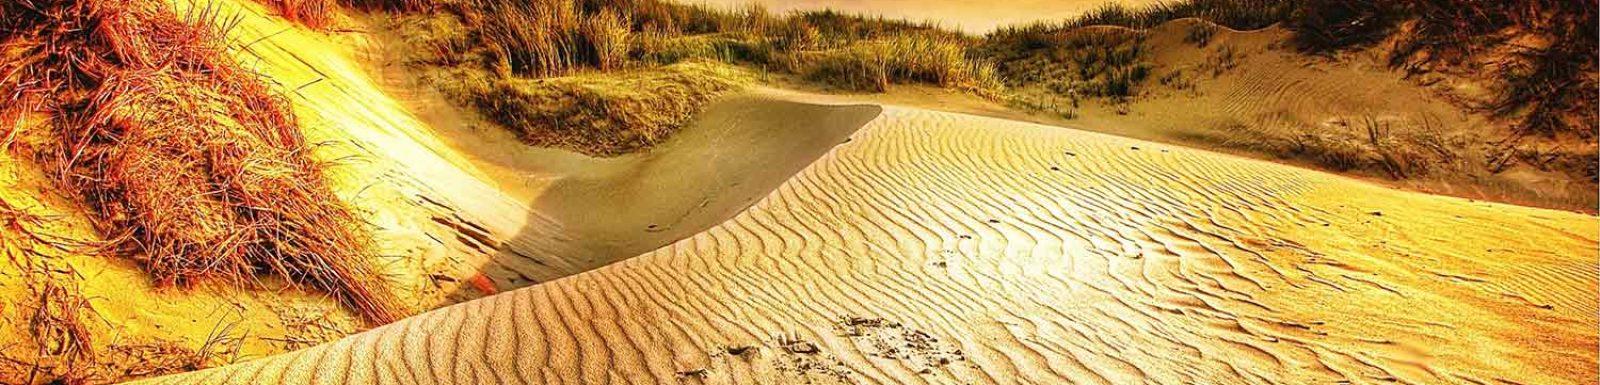 dunes-platja-de-pals-001